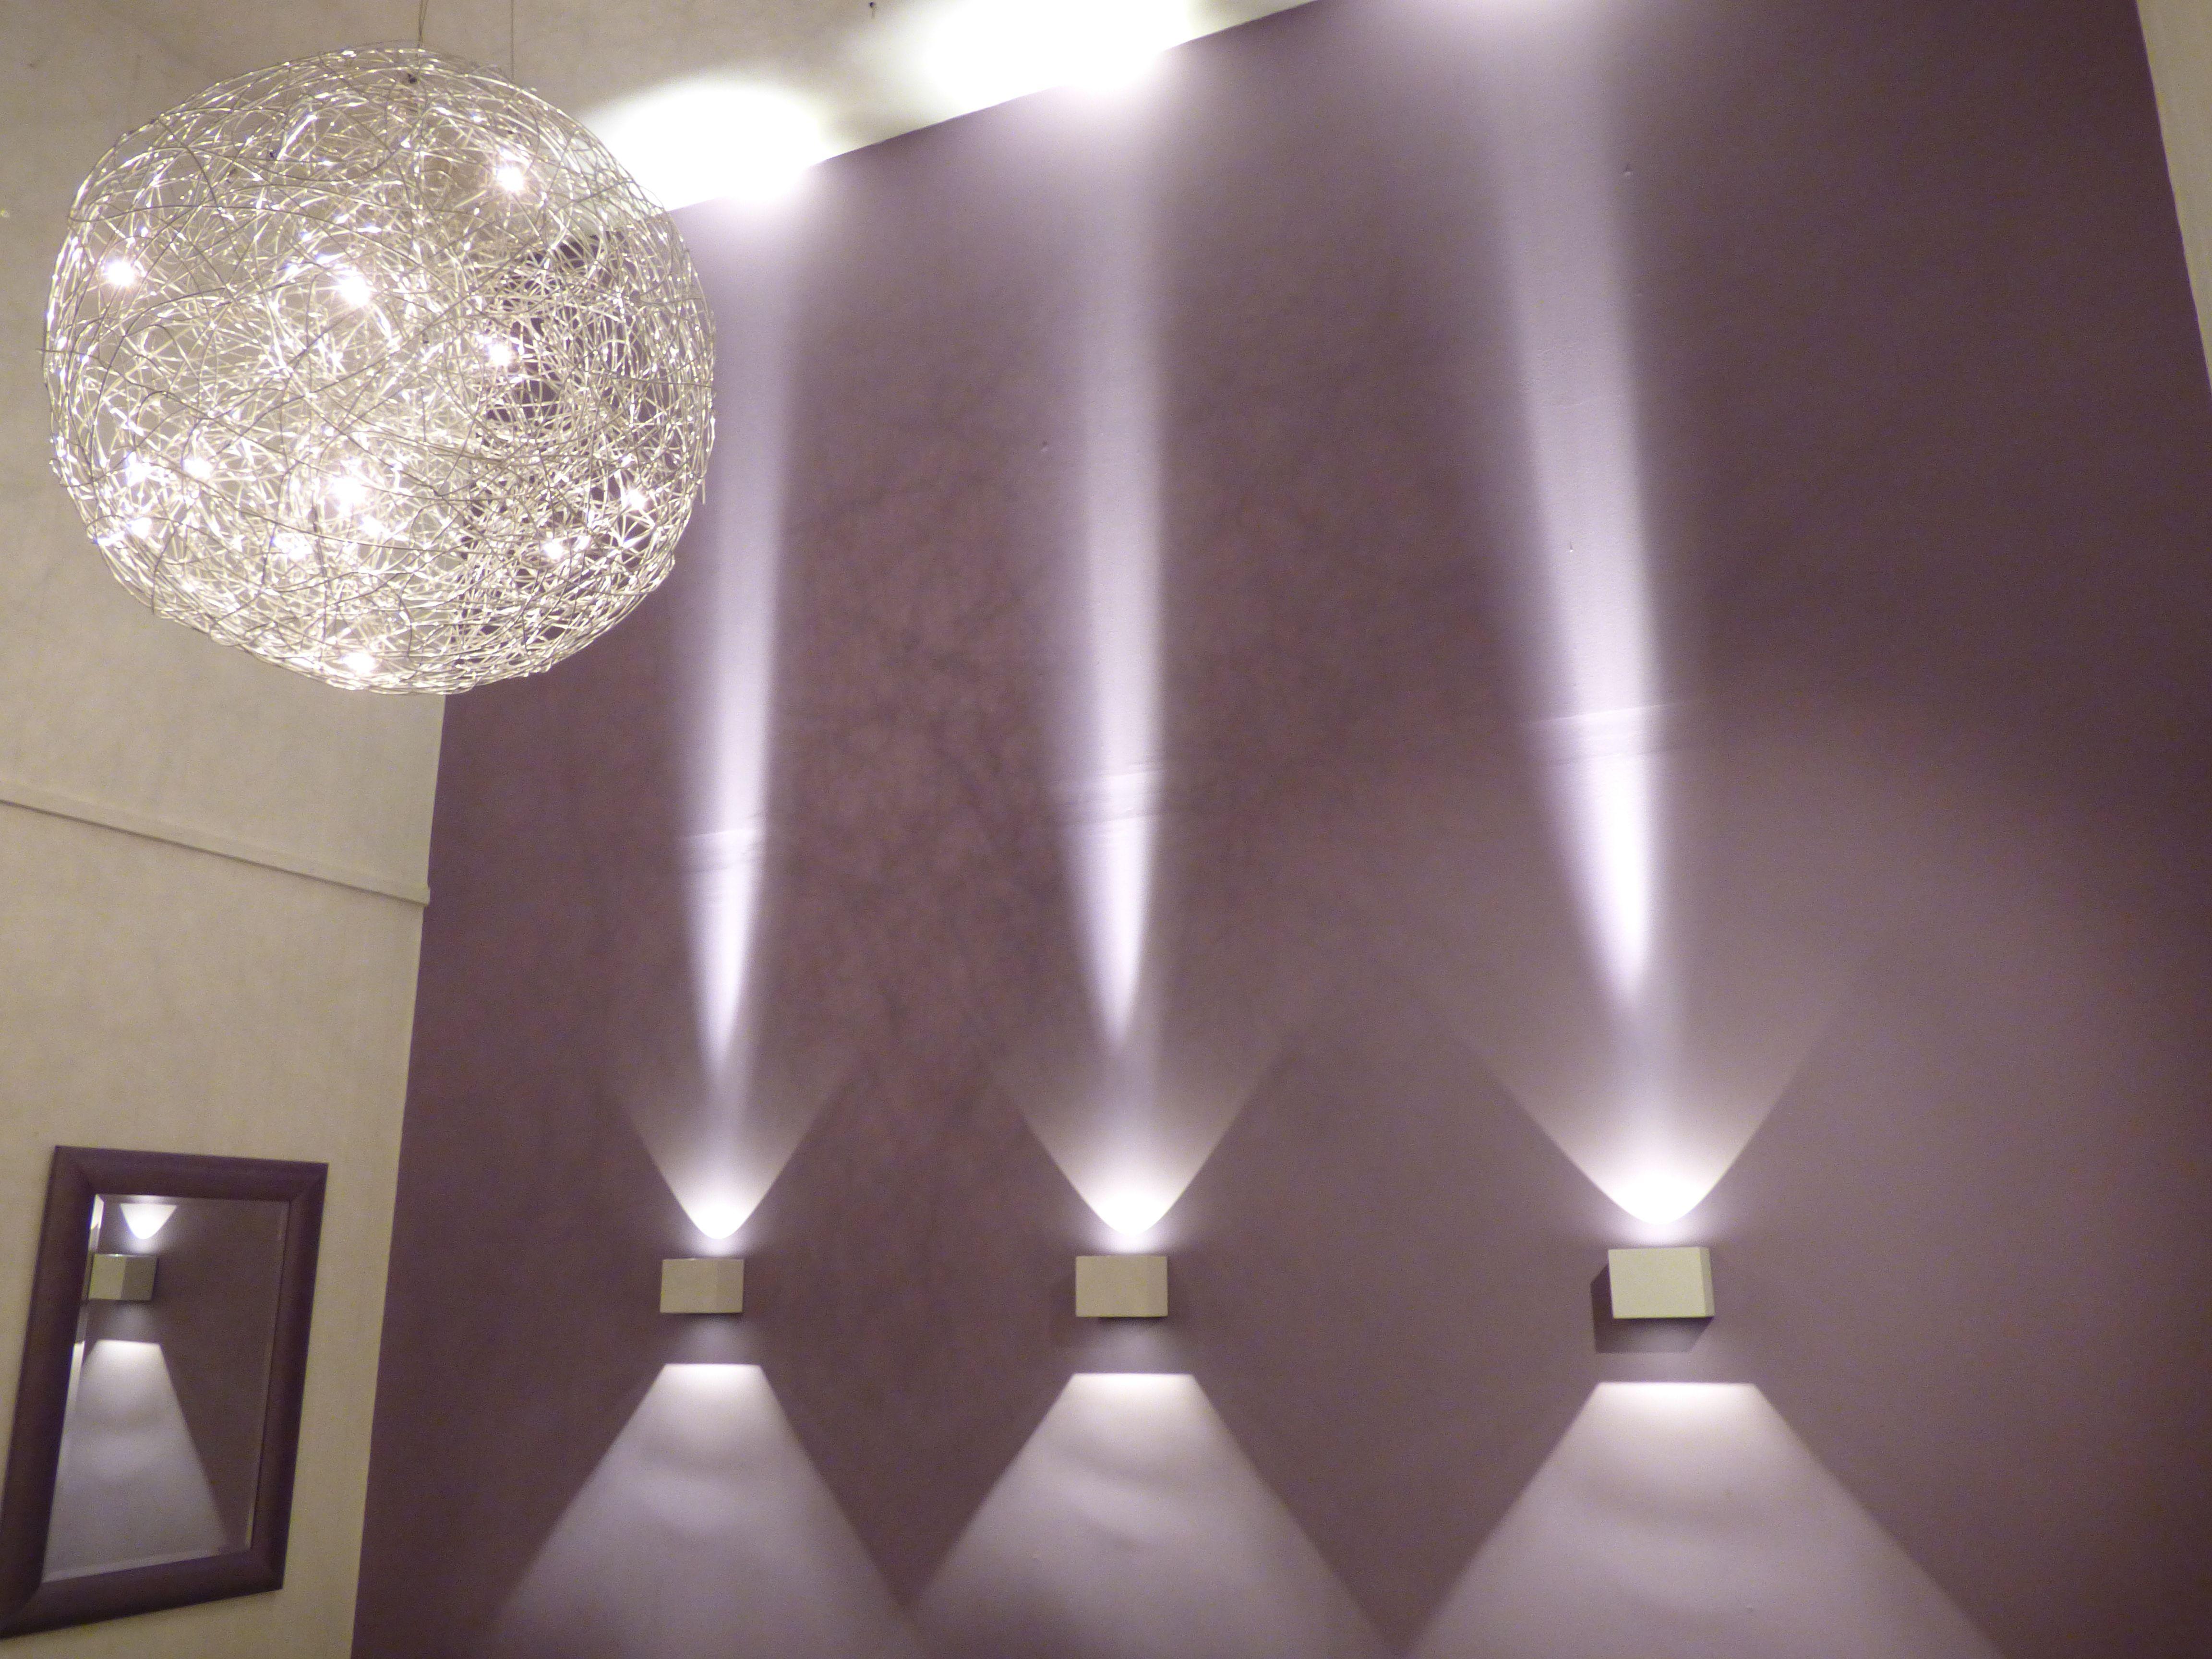 Meer dan 1000 afbeeldingen over eetkamer lamp op pinterest ...